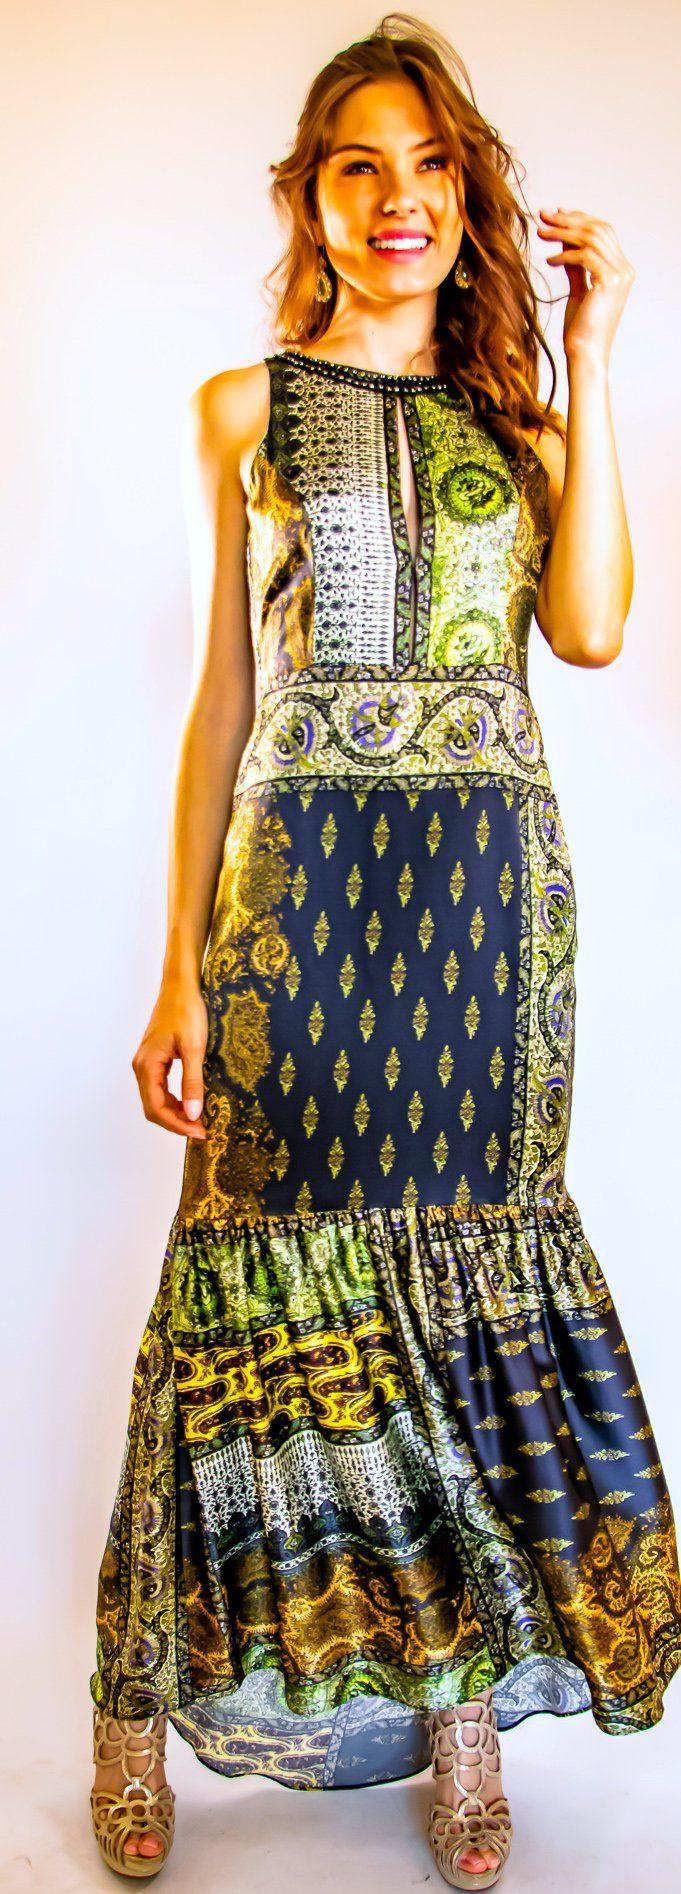 Pasha Bronze - Elegant Boho Style - M